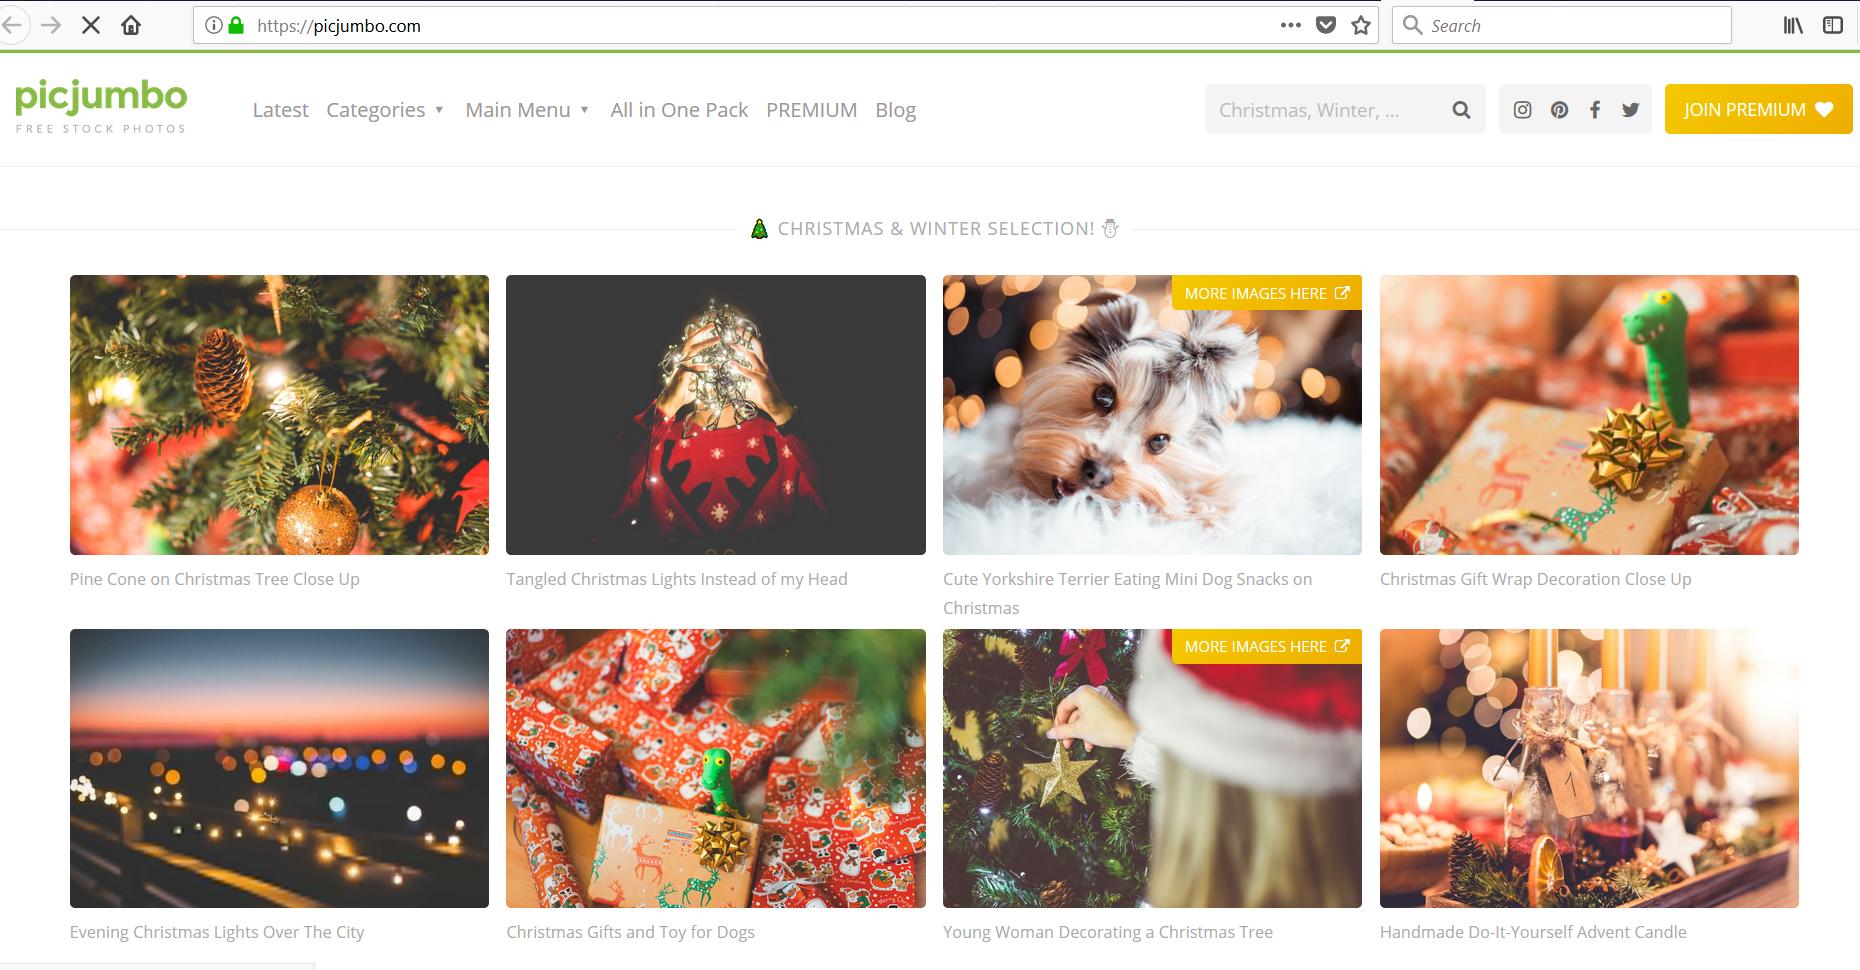 دانلود تصاویر رایگان در تولید محتوا